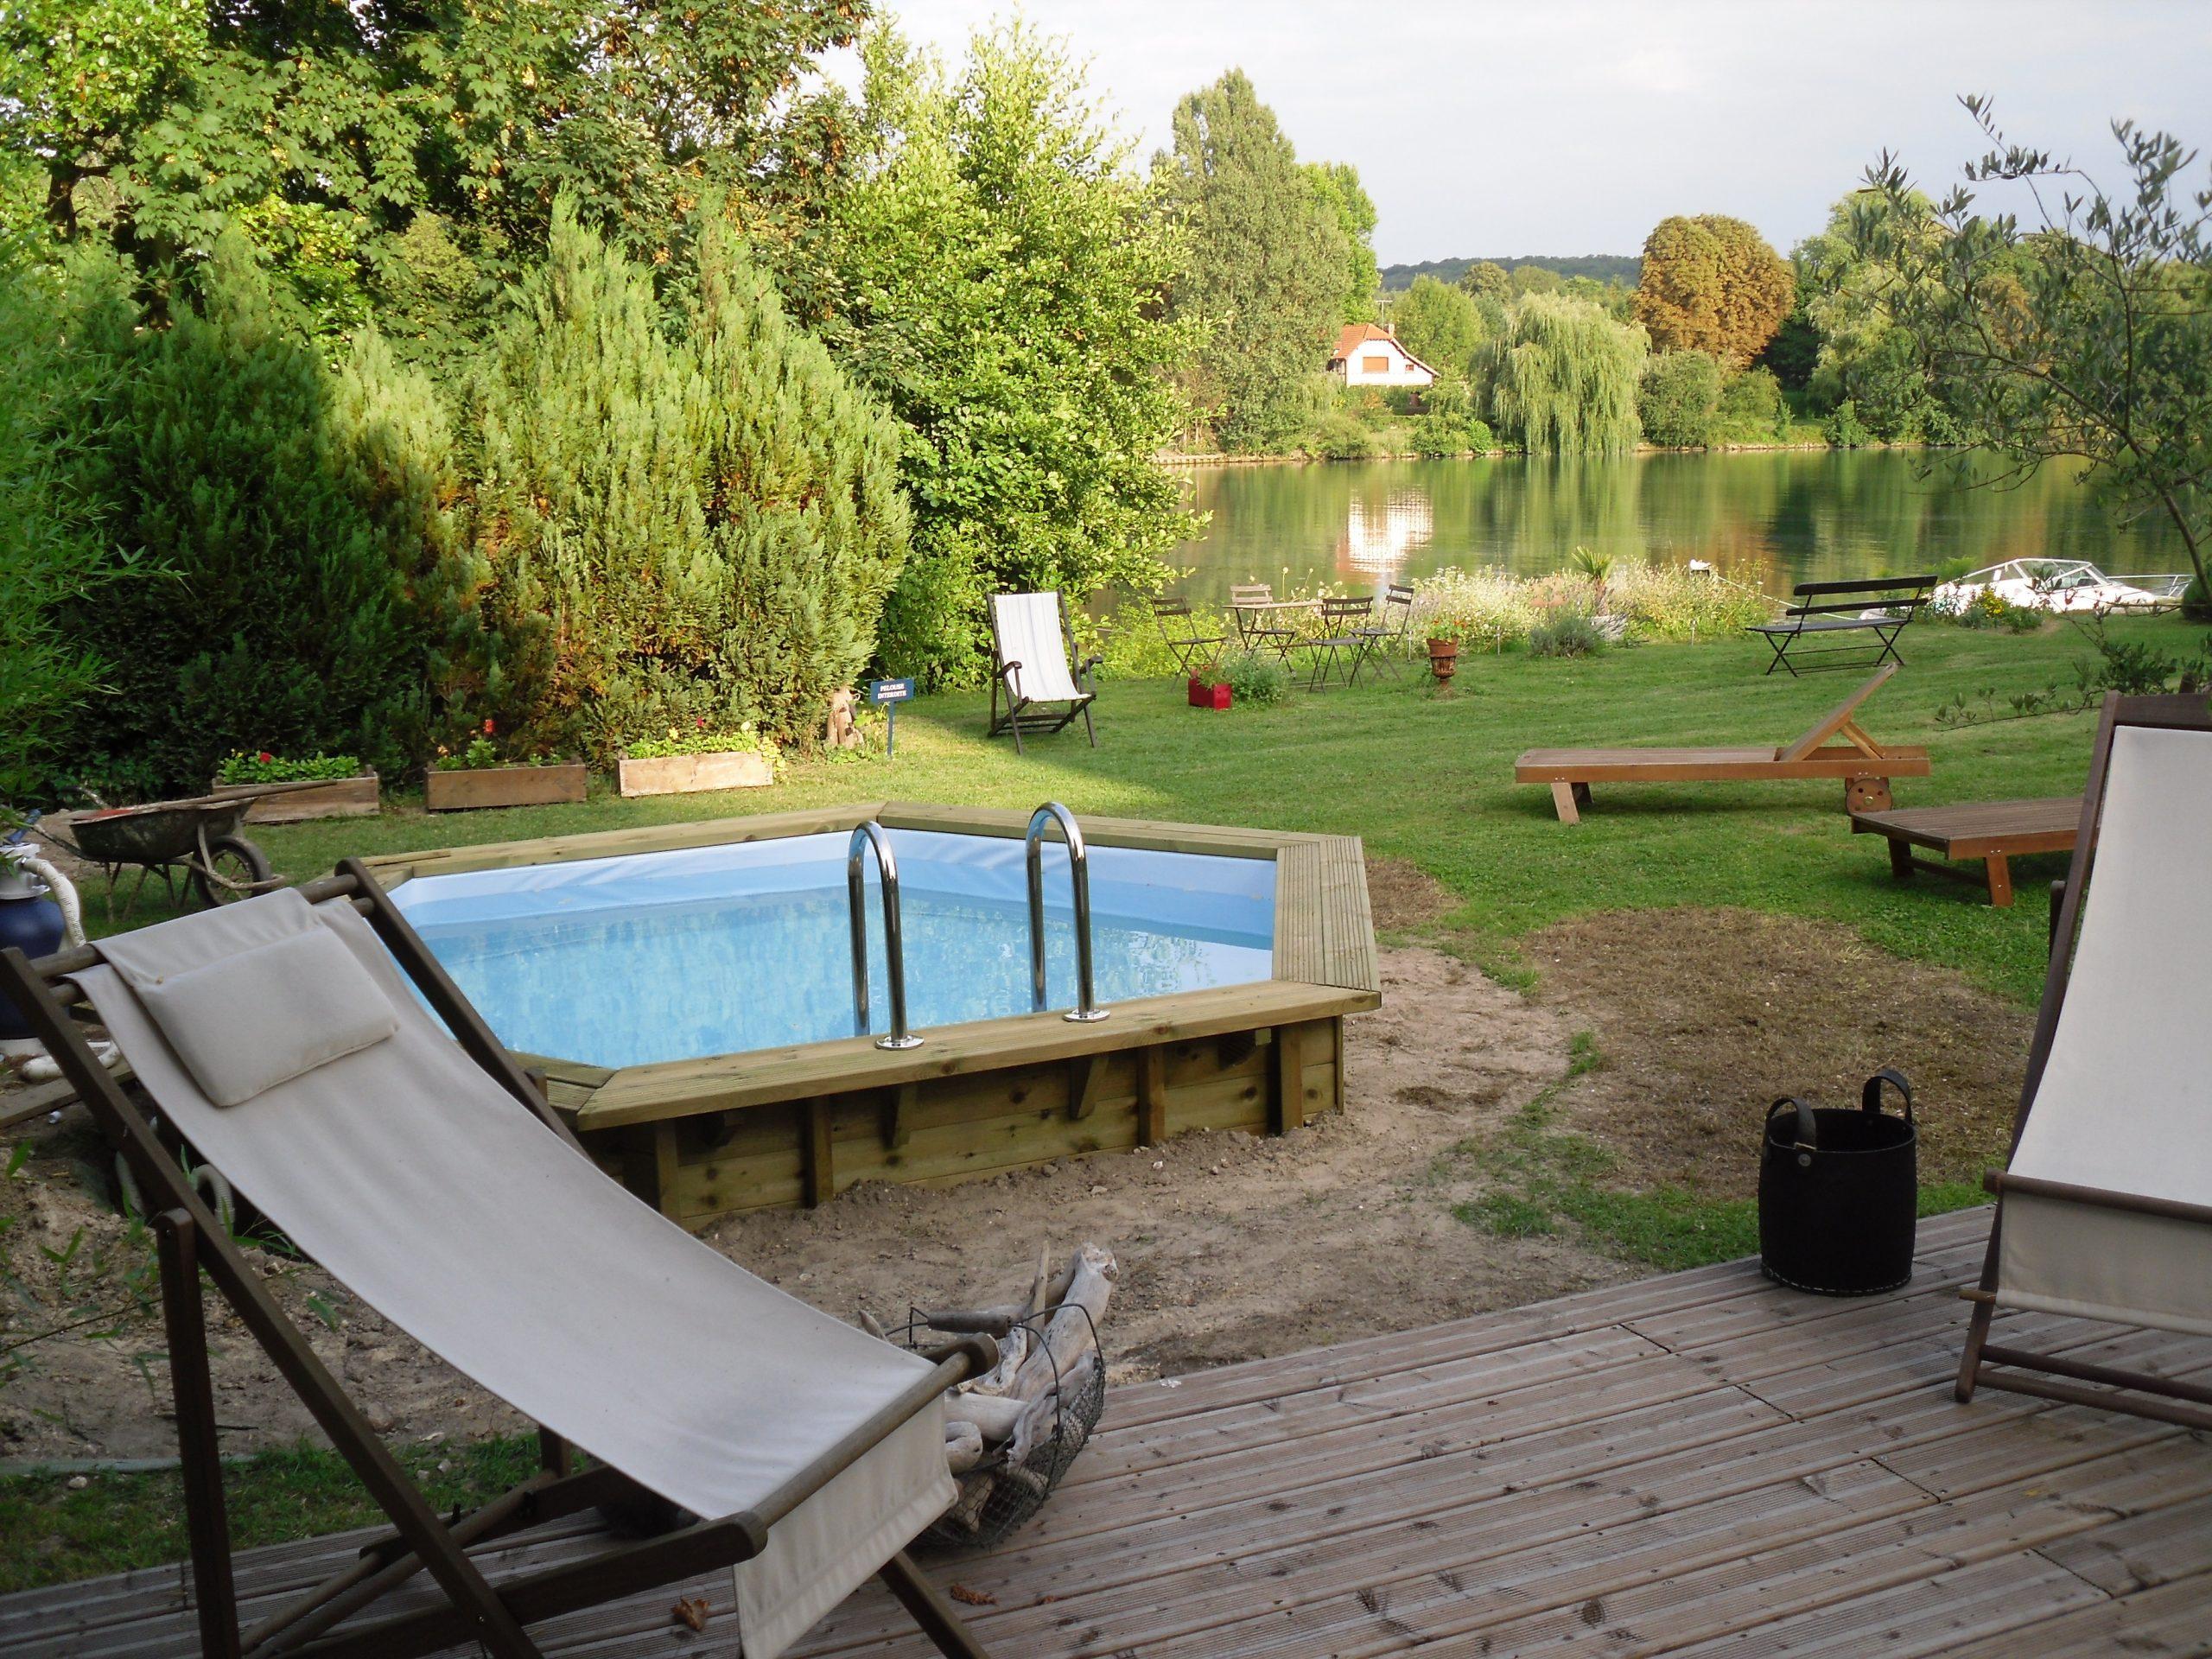 Piscine Bois Hexagonale Ubbink 410X120 Cm + Bache À Bulle destiné Montage Piscine Bois